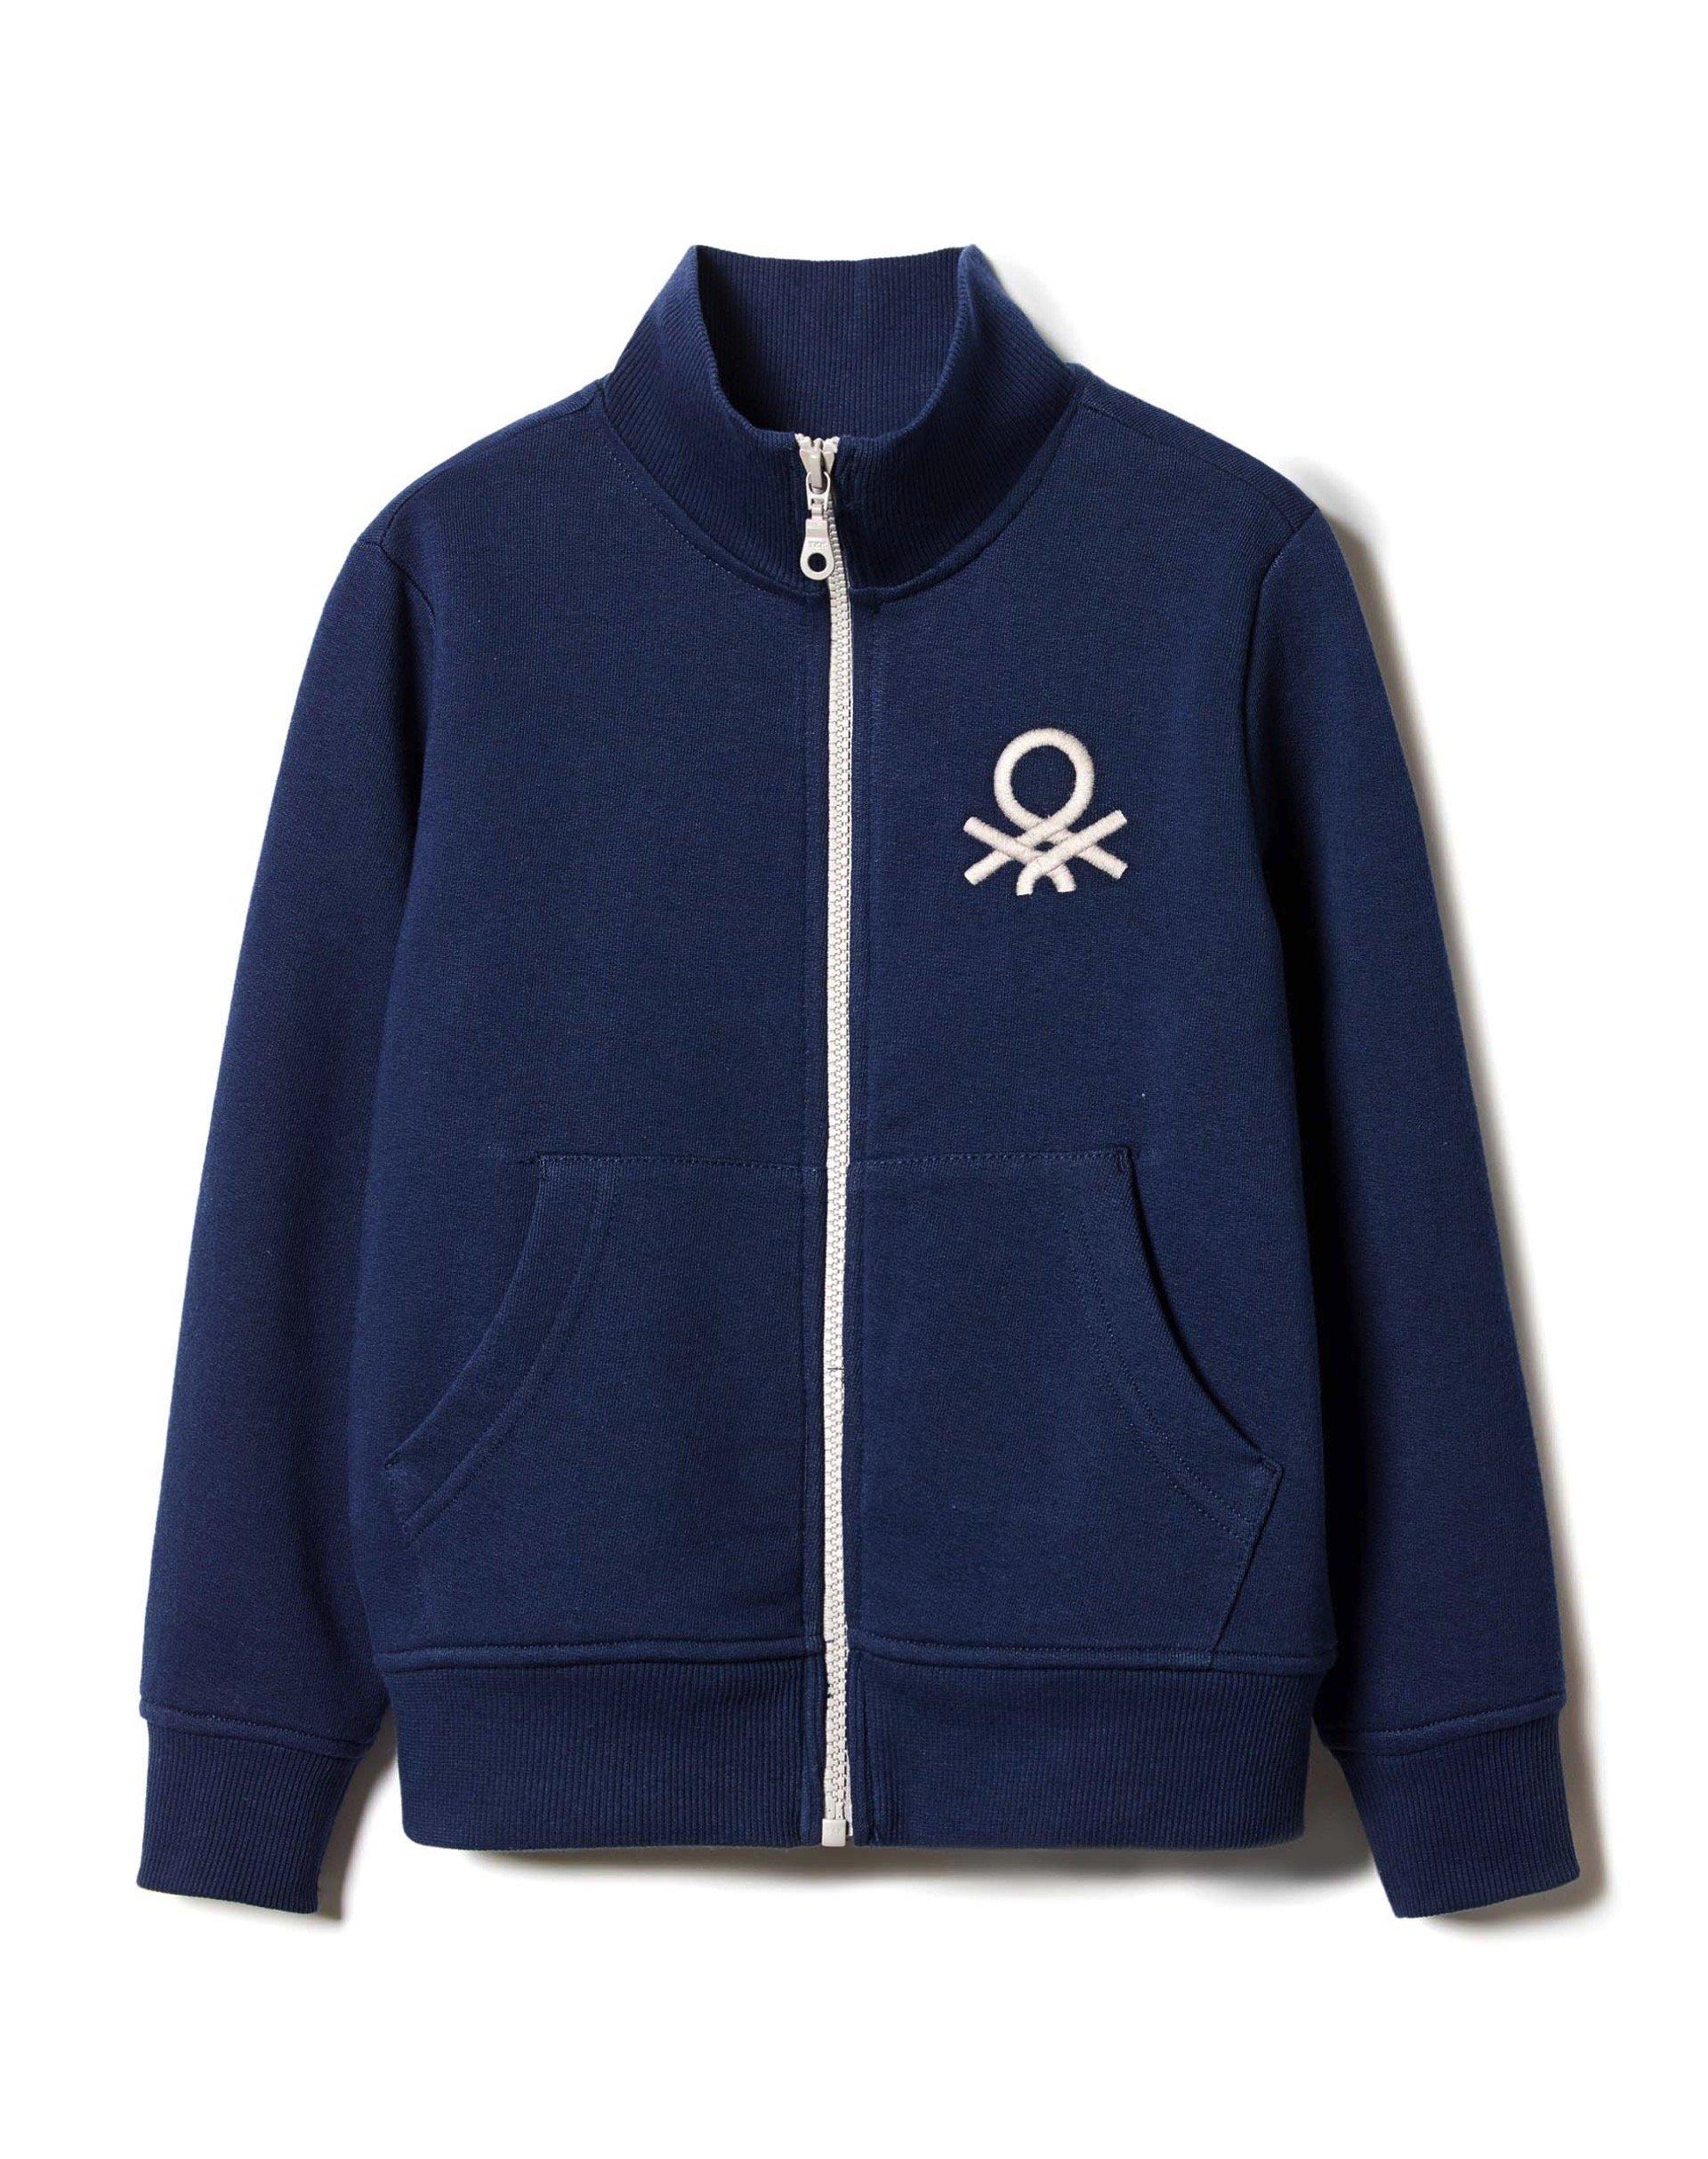 ТолстовкаТолстовки<br>Толстовка из 100% хлопка с длинным рукавом, застежкой на молнию, двумя карманами спереди и принтом с логотипом Benetton слева на груди. Воротничок-стойка, манжеты и низ изделия в рубчик.<br>Цвет: Синий; Размер: 1Y;